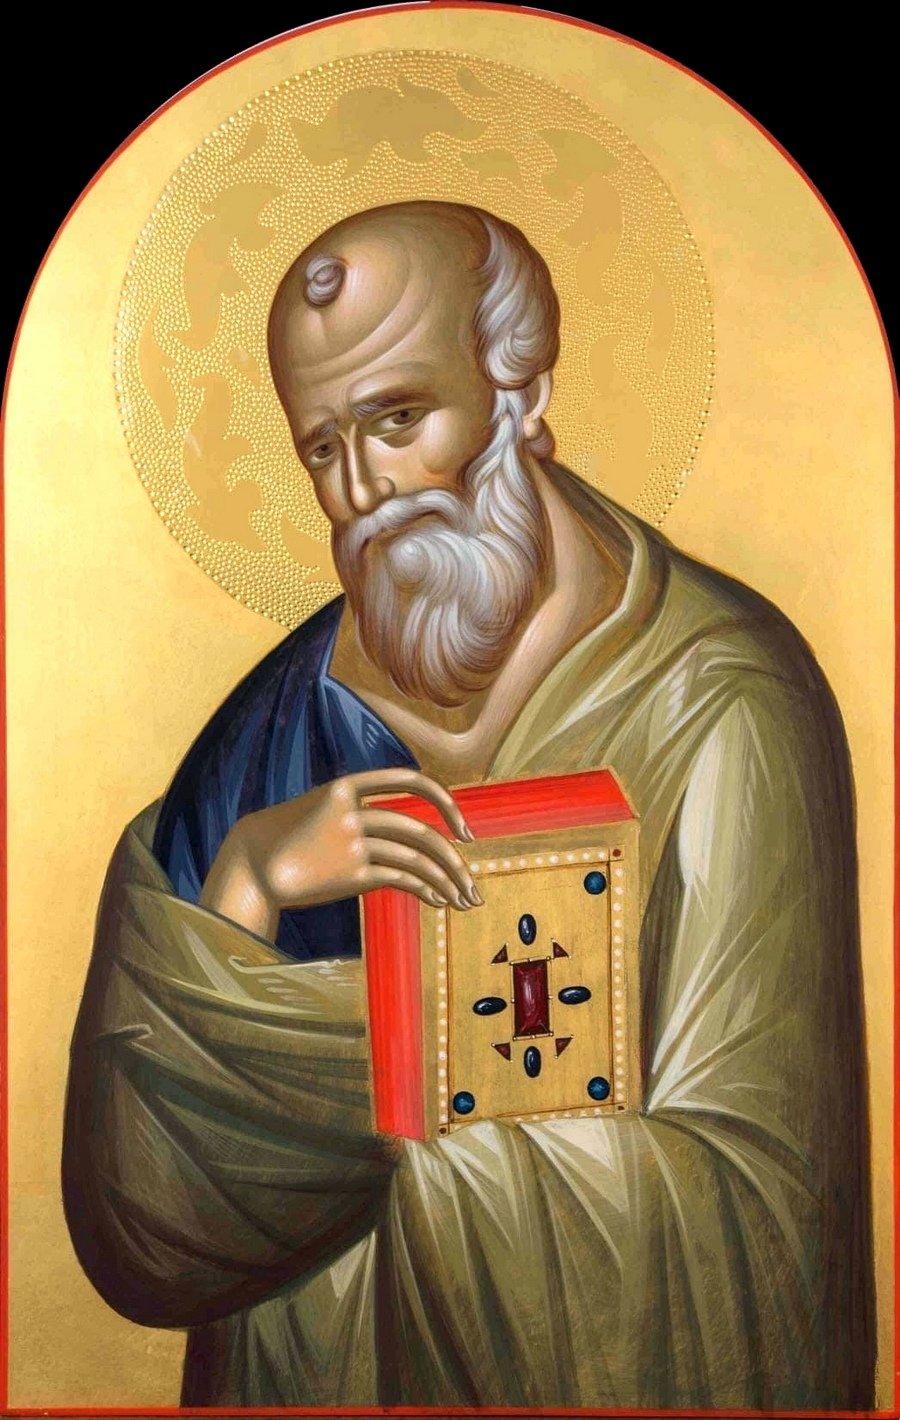 Святой Апостол и Евангелист Иоанн Богослов. Иконописец Ставрос Цакидис.